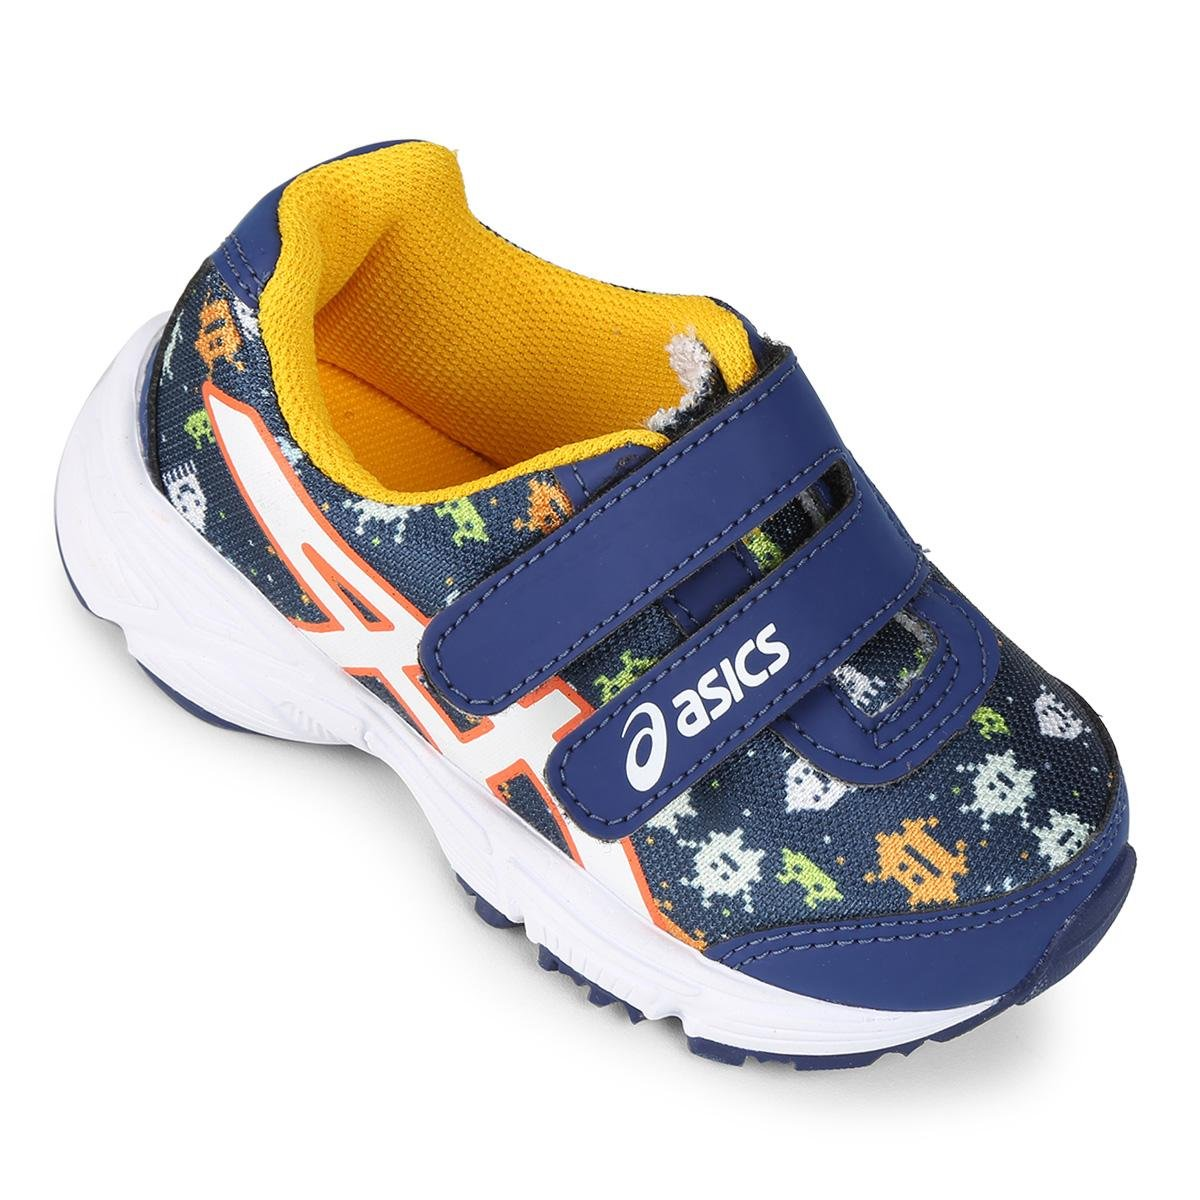 c4af658cd0d47 Tênis Infantil Asics Sugar Baby 2 TS - Azul e amarelo - Compre Agora ...